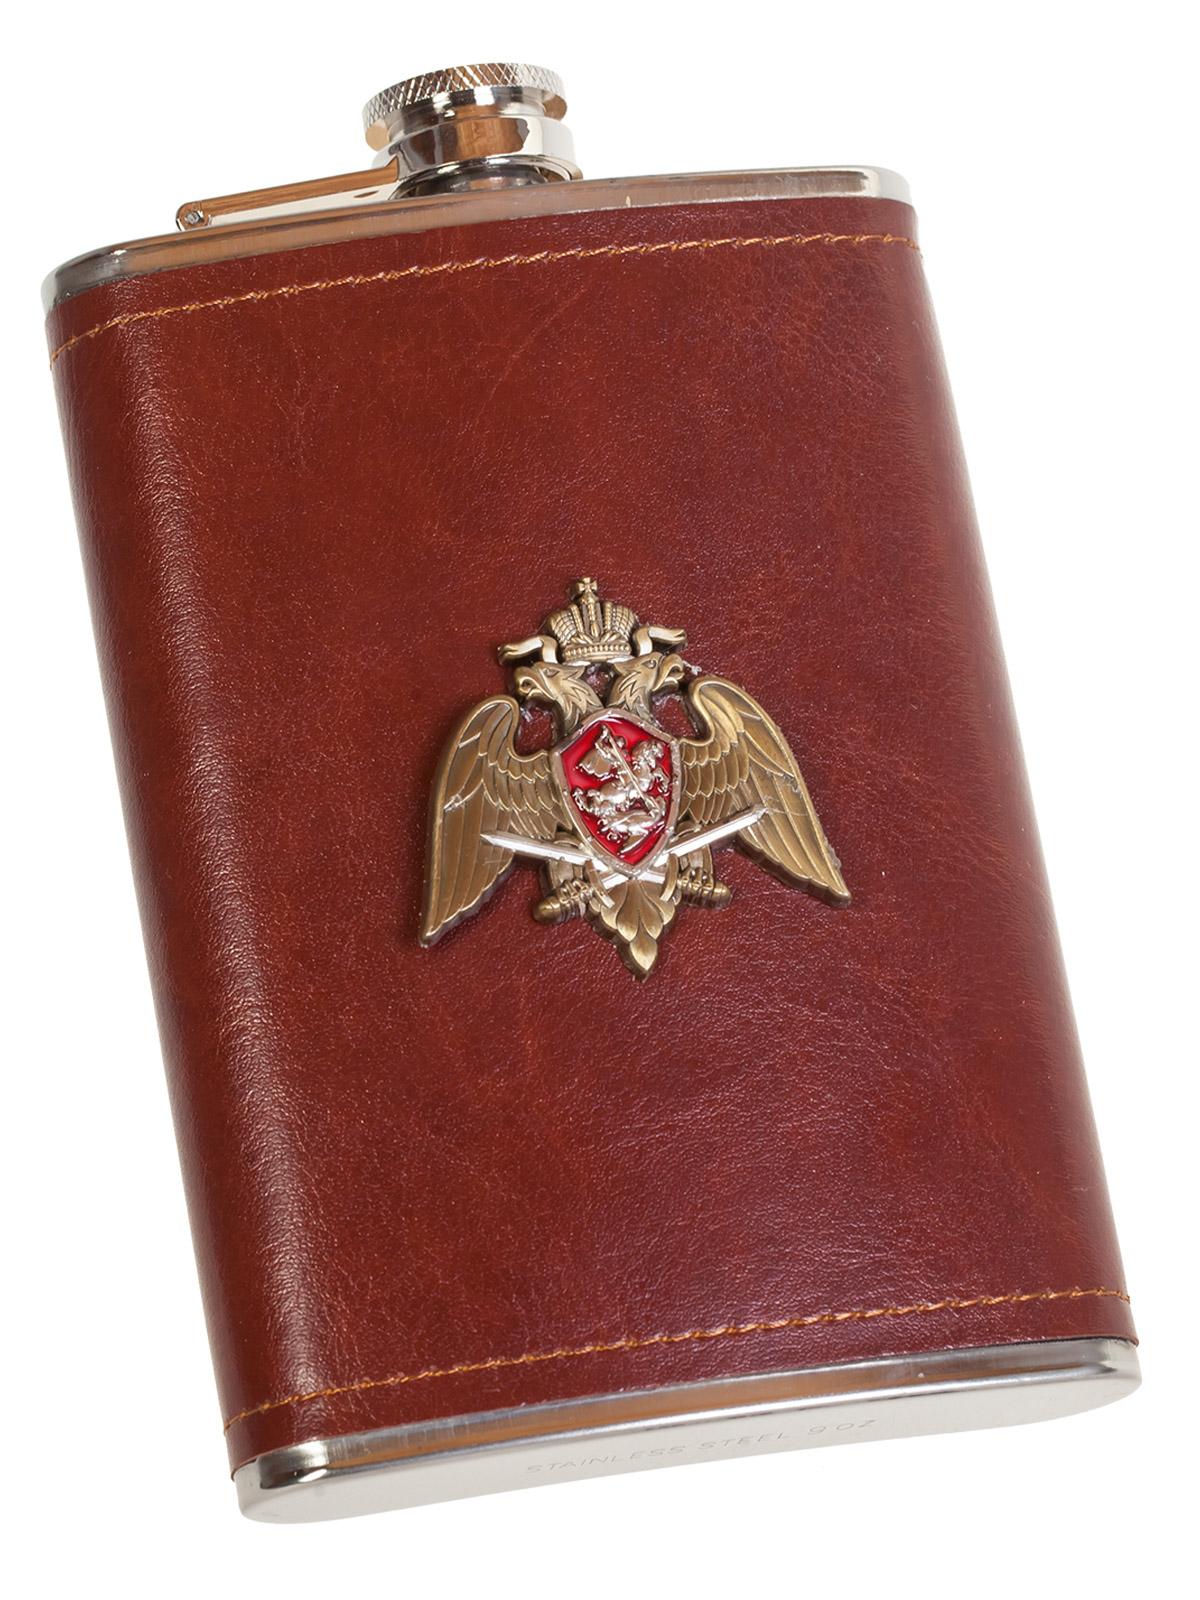 Оригинальная фляжка в кожаном чехле с накладкой Росгвардия - купить по низкой цене